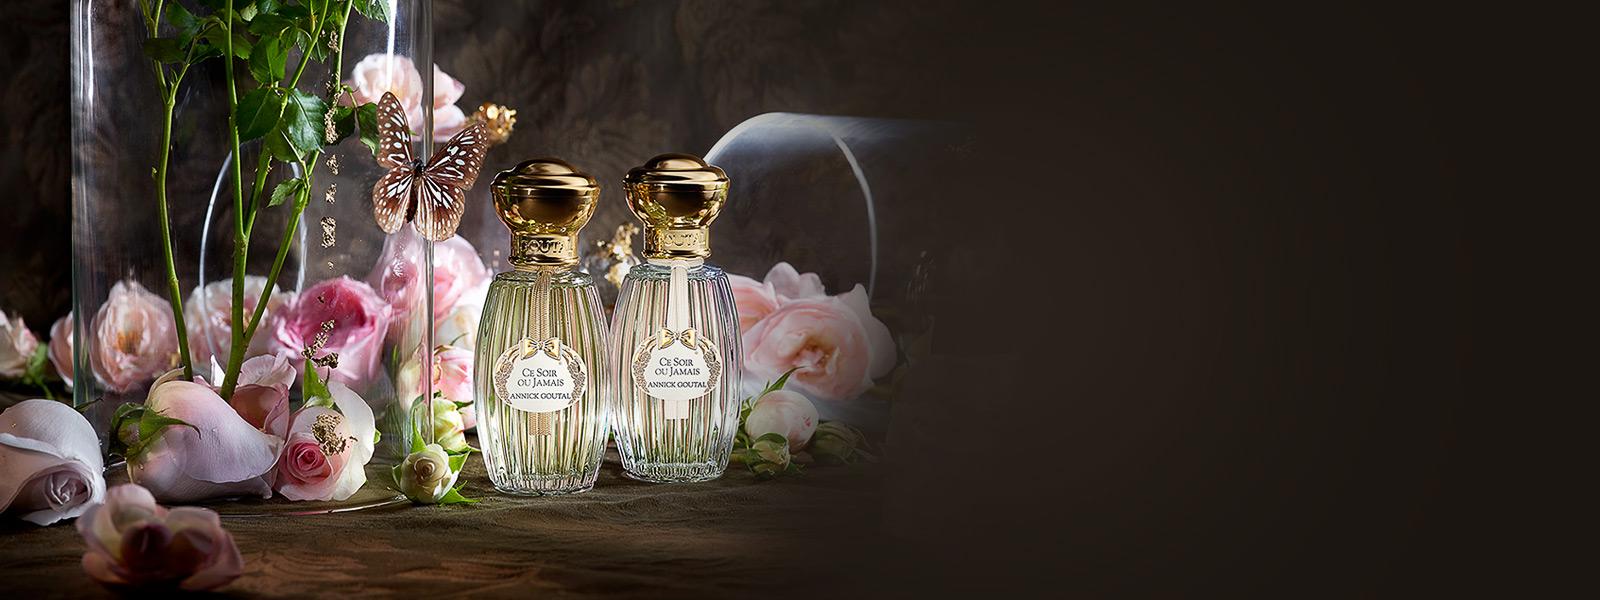 Гид по нишевой парфюмерии Киева